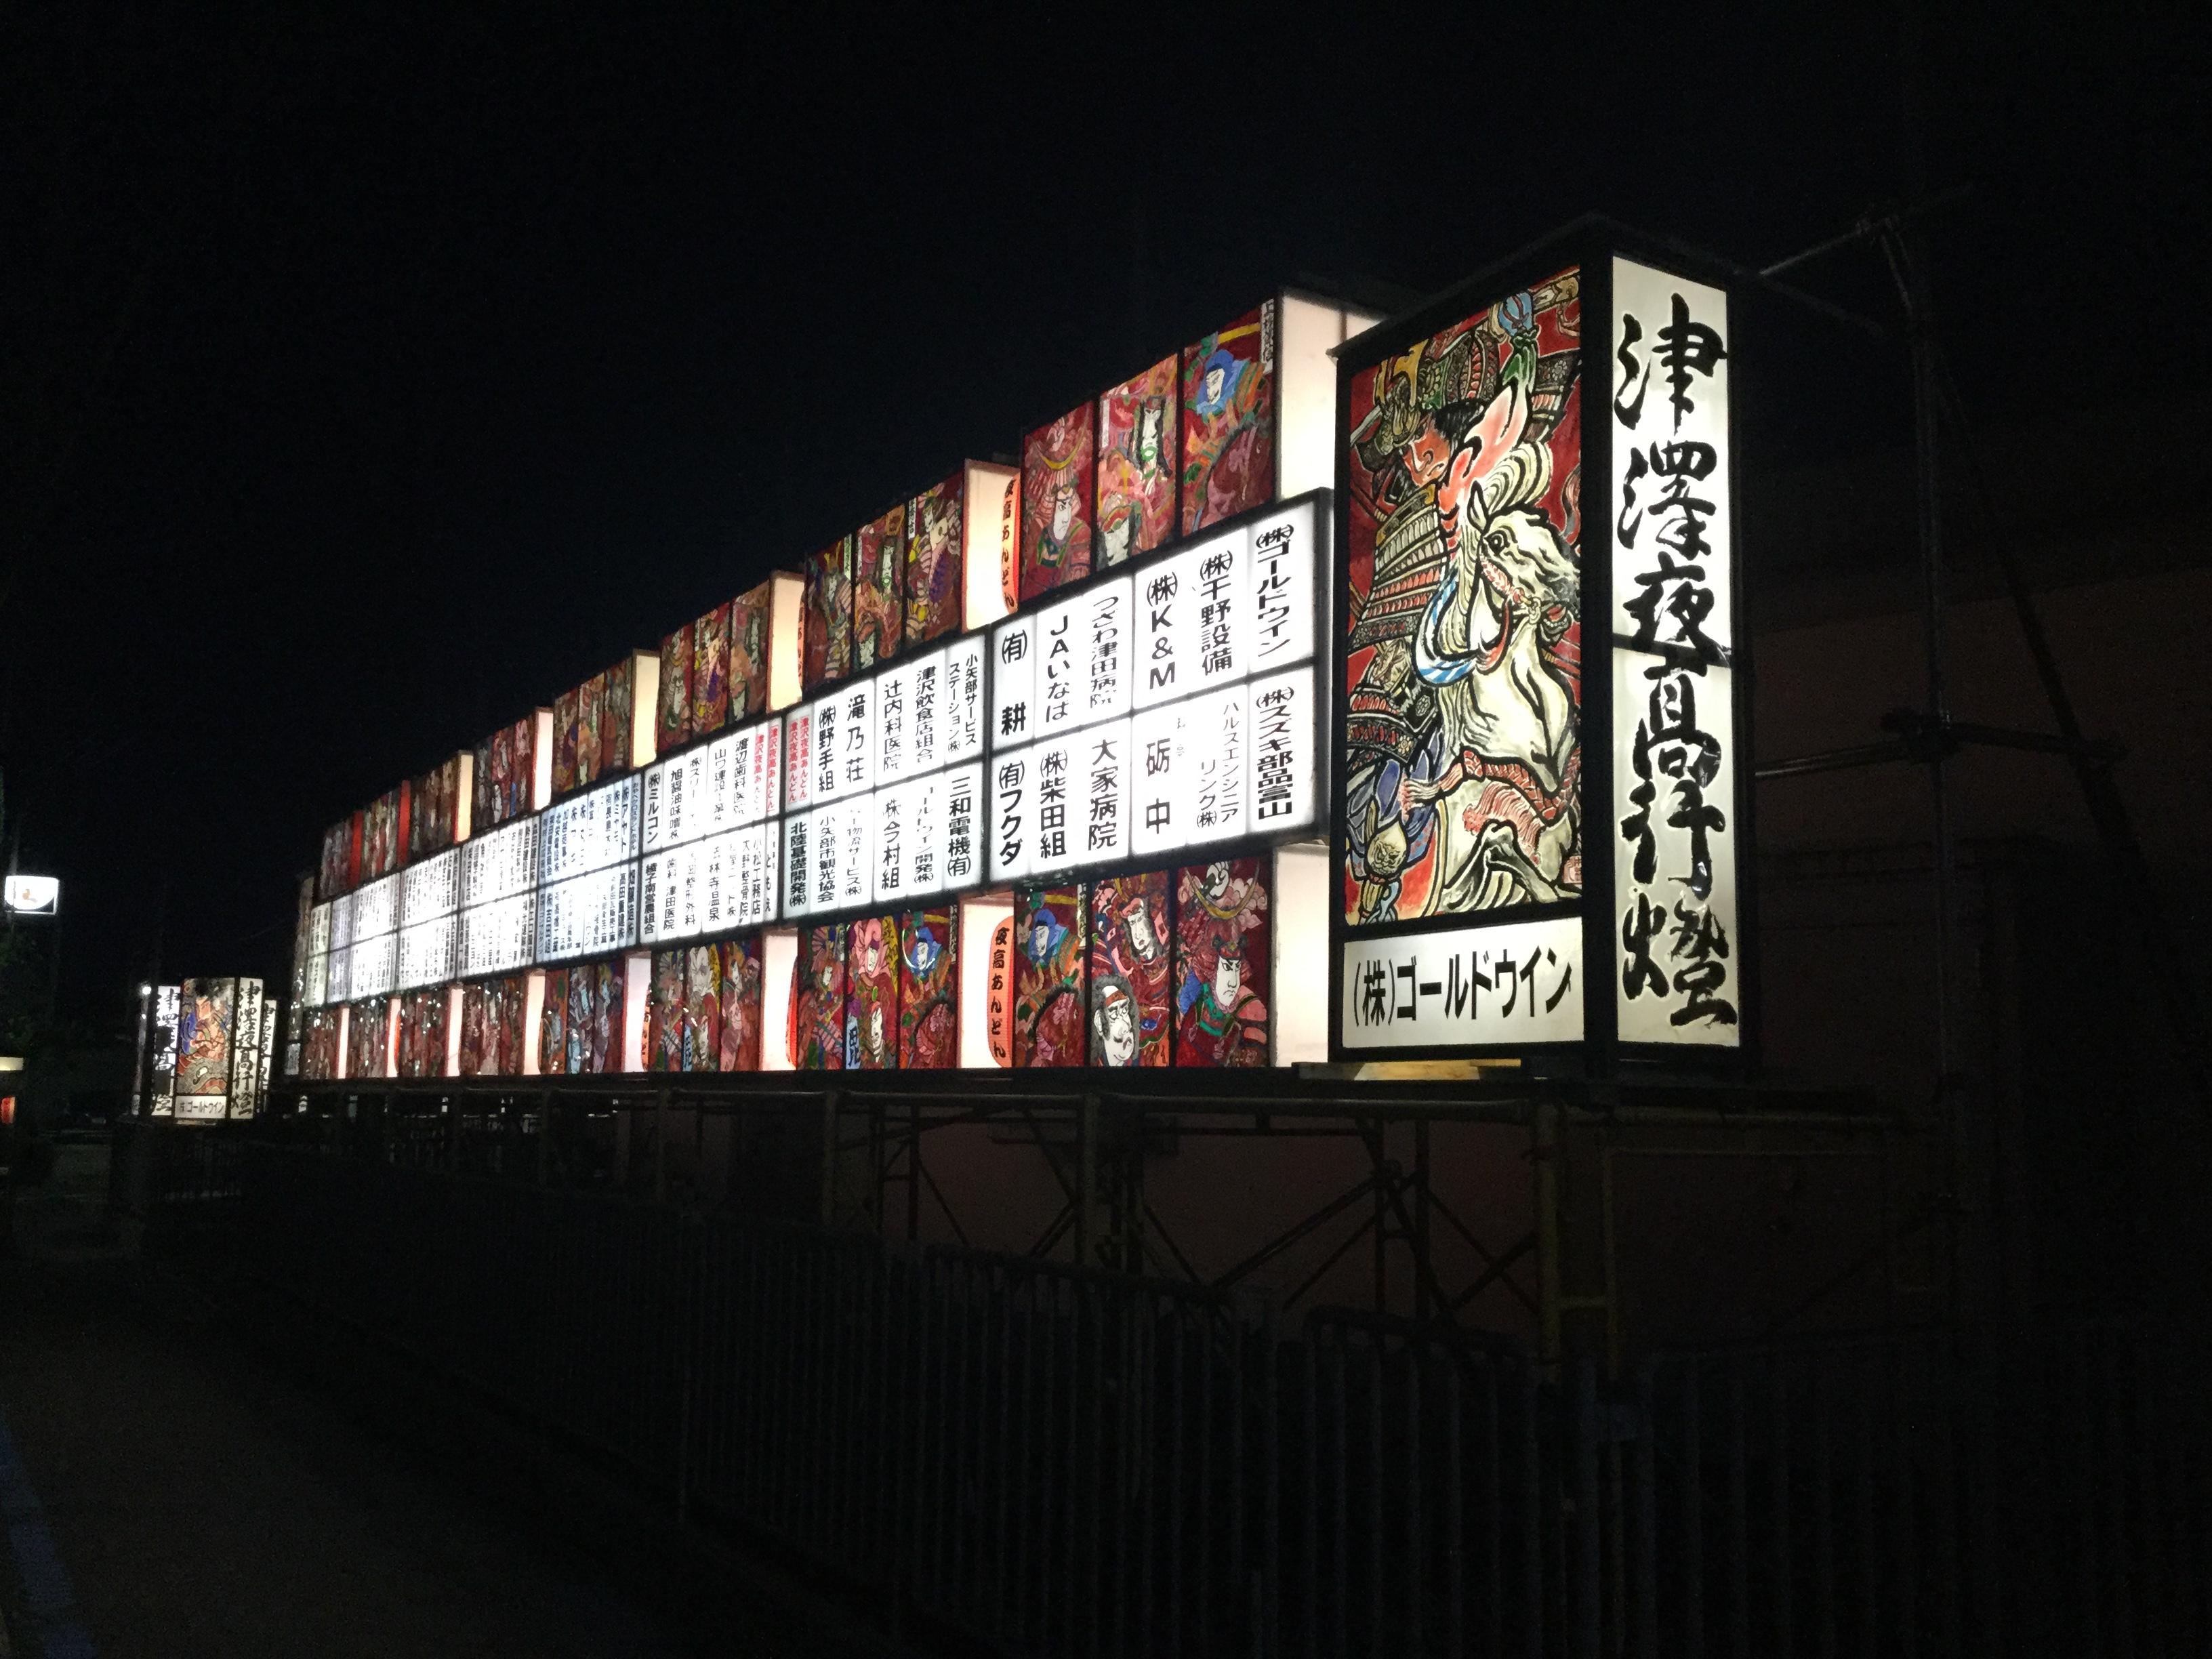 津沢田楽行燈